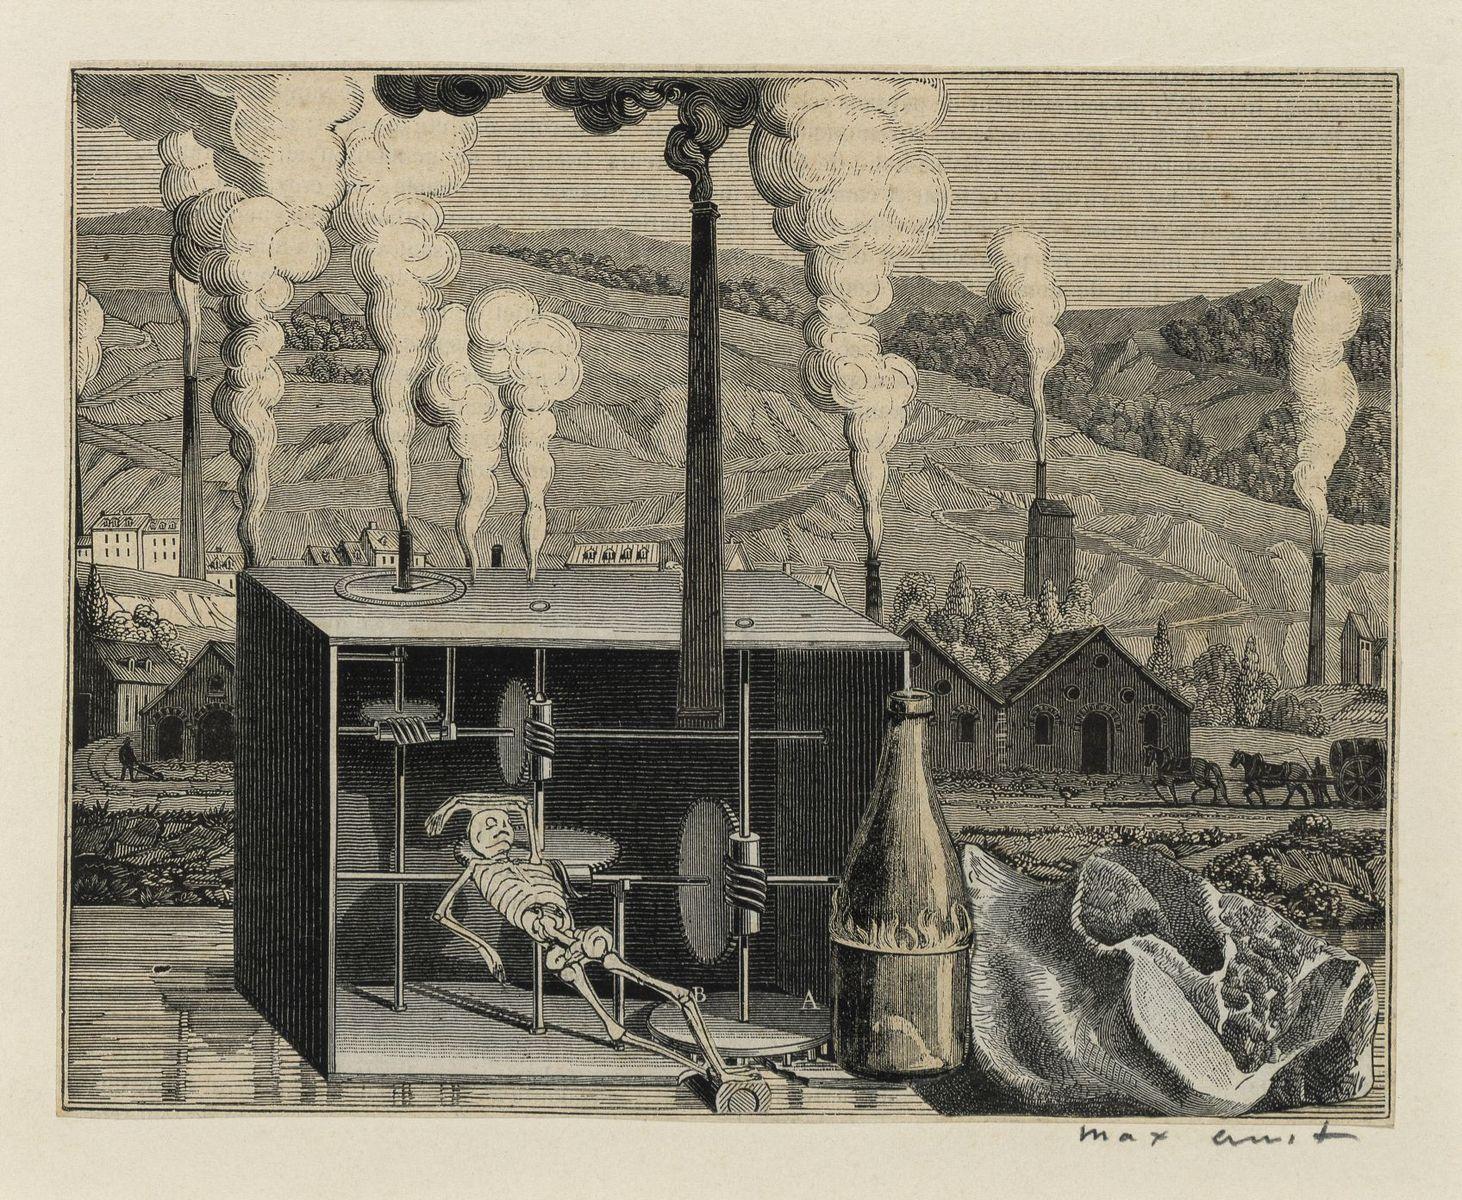 """Max Ernst: Illustrationsvorlage zu Hans Arps """"Weißt du schwarzt du"""", 1929 © bpk/Nationalgalerie SMB, Sammlung Scharf-Gerstenberg. Foto: Volker-H. Schneider"""